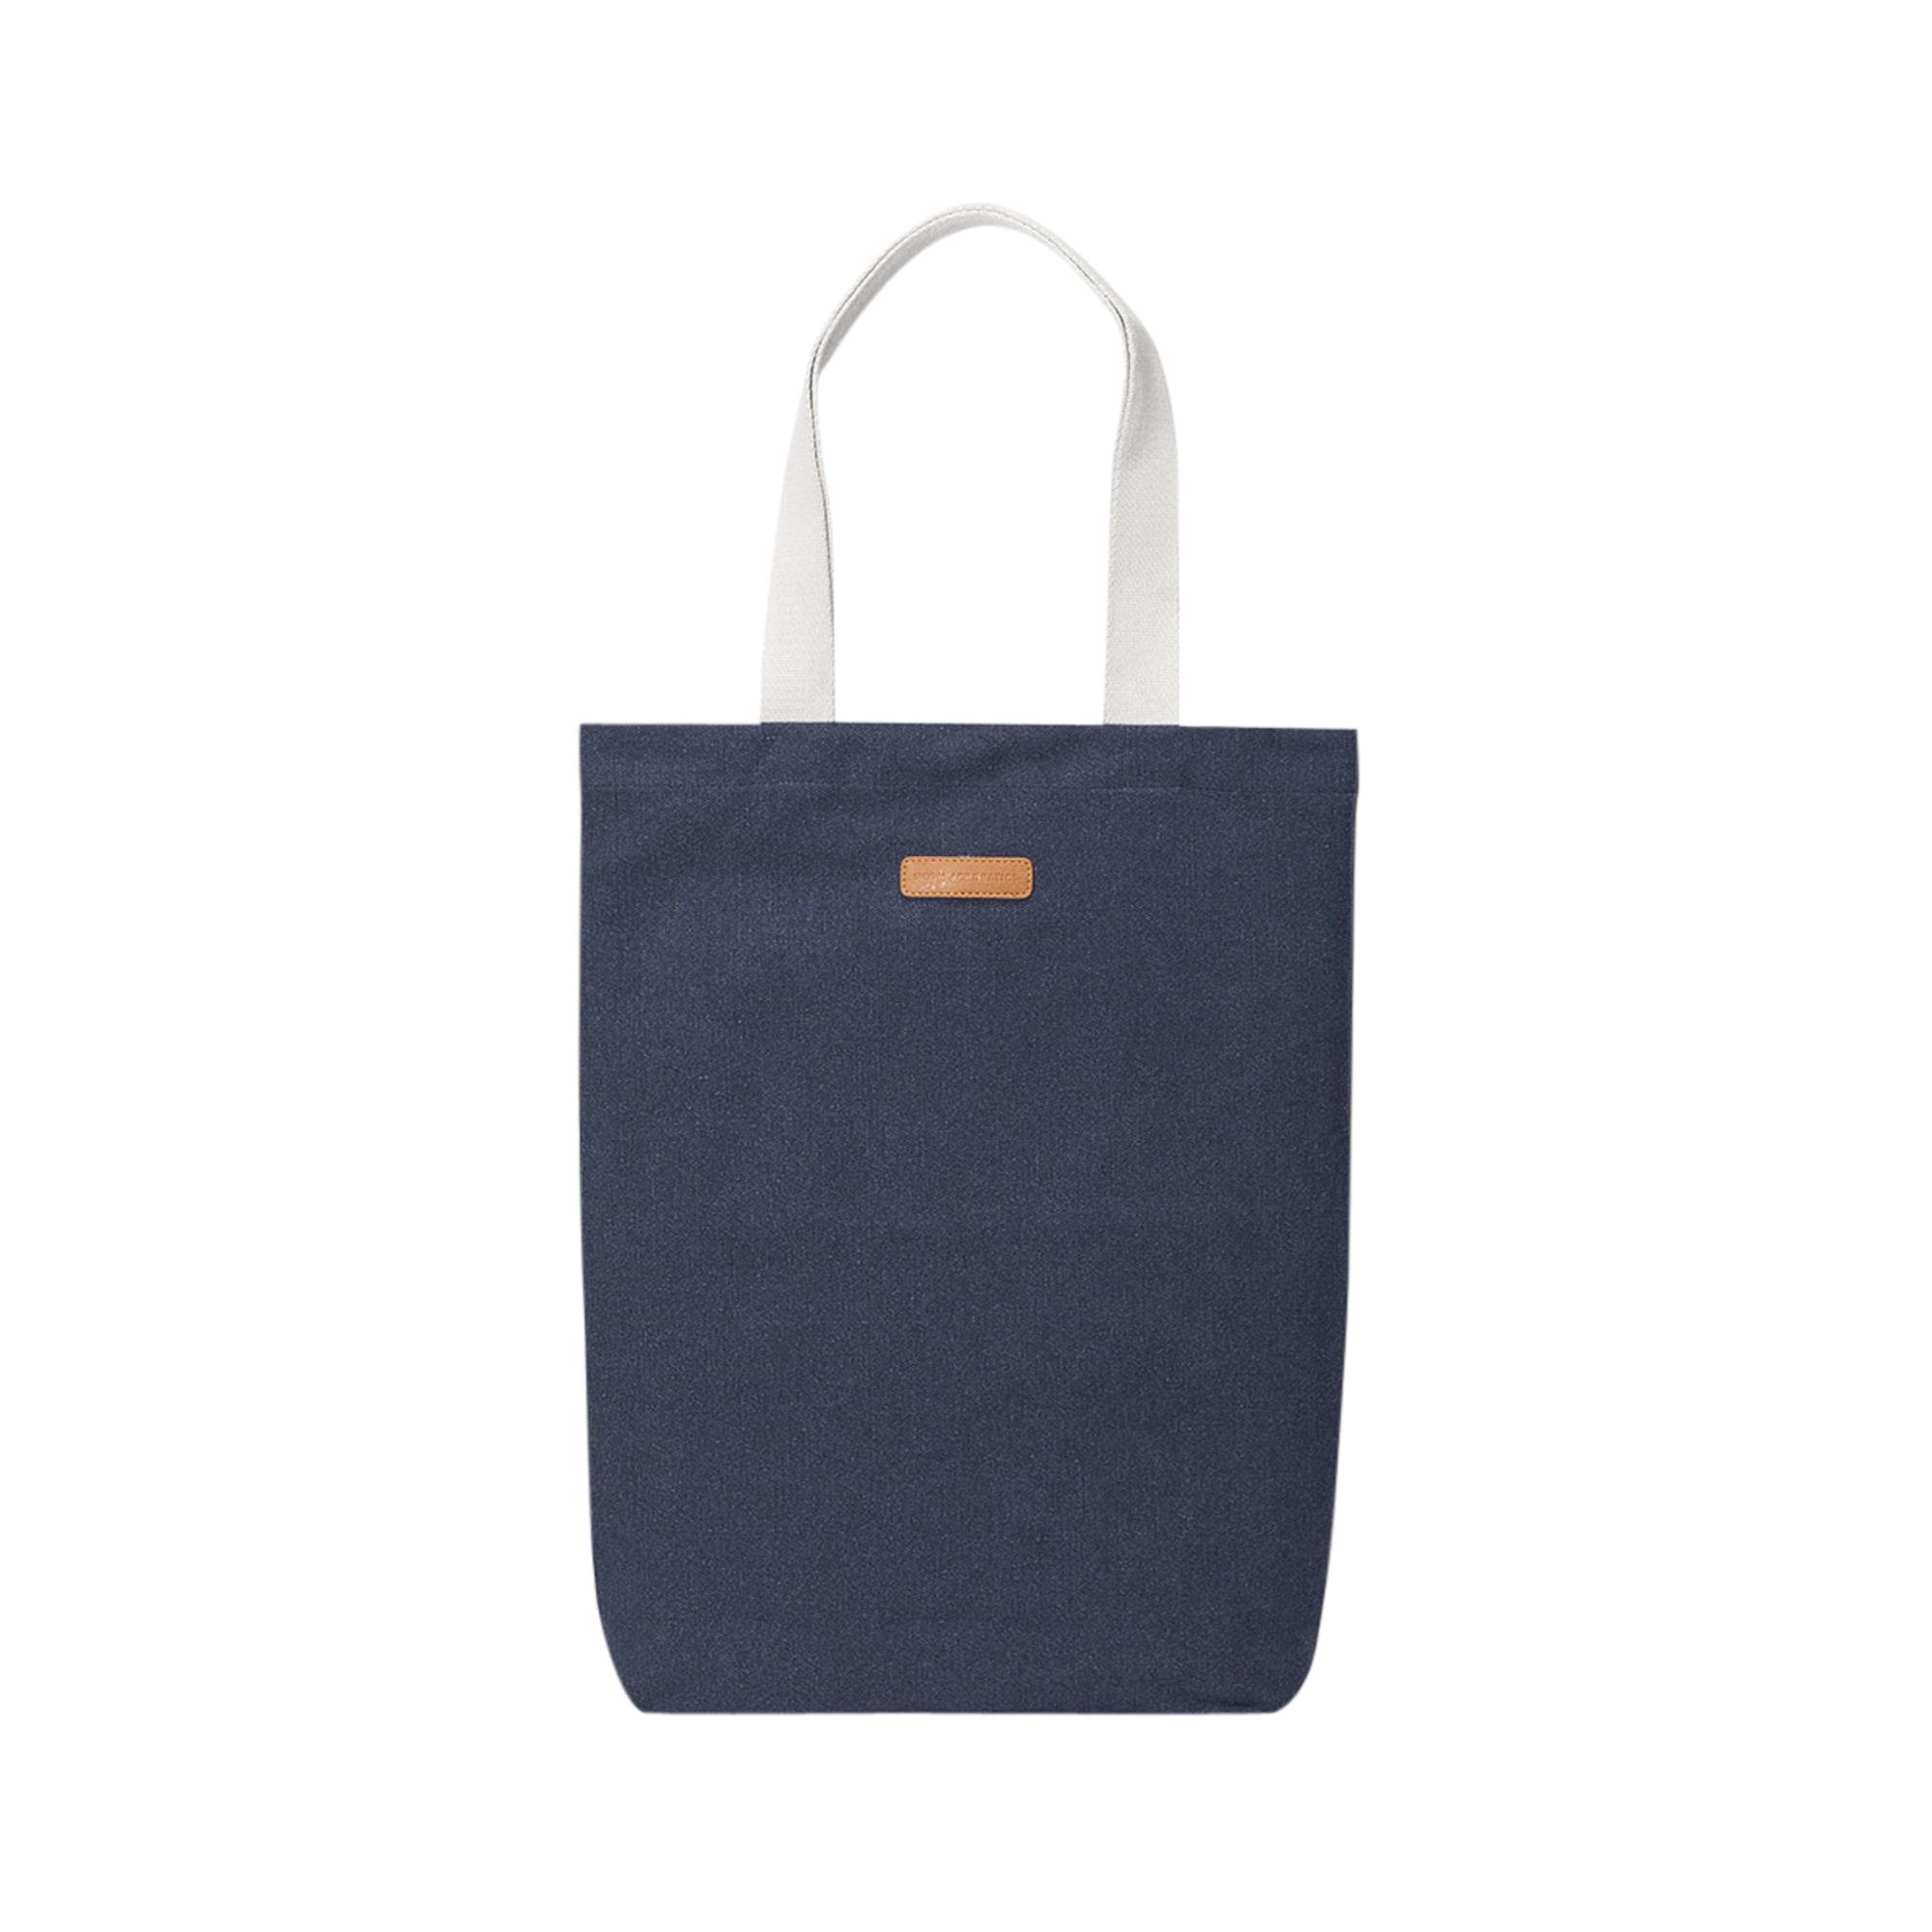 Nákupní taška FINN námořnická modř Ucon Acrobatics